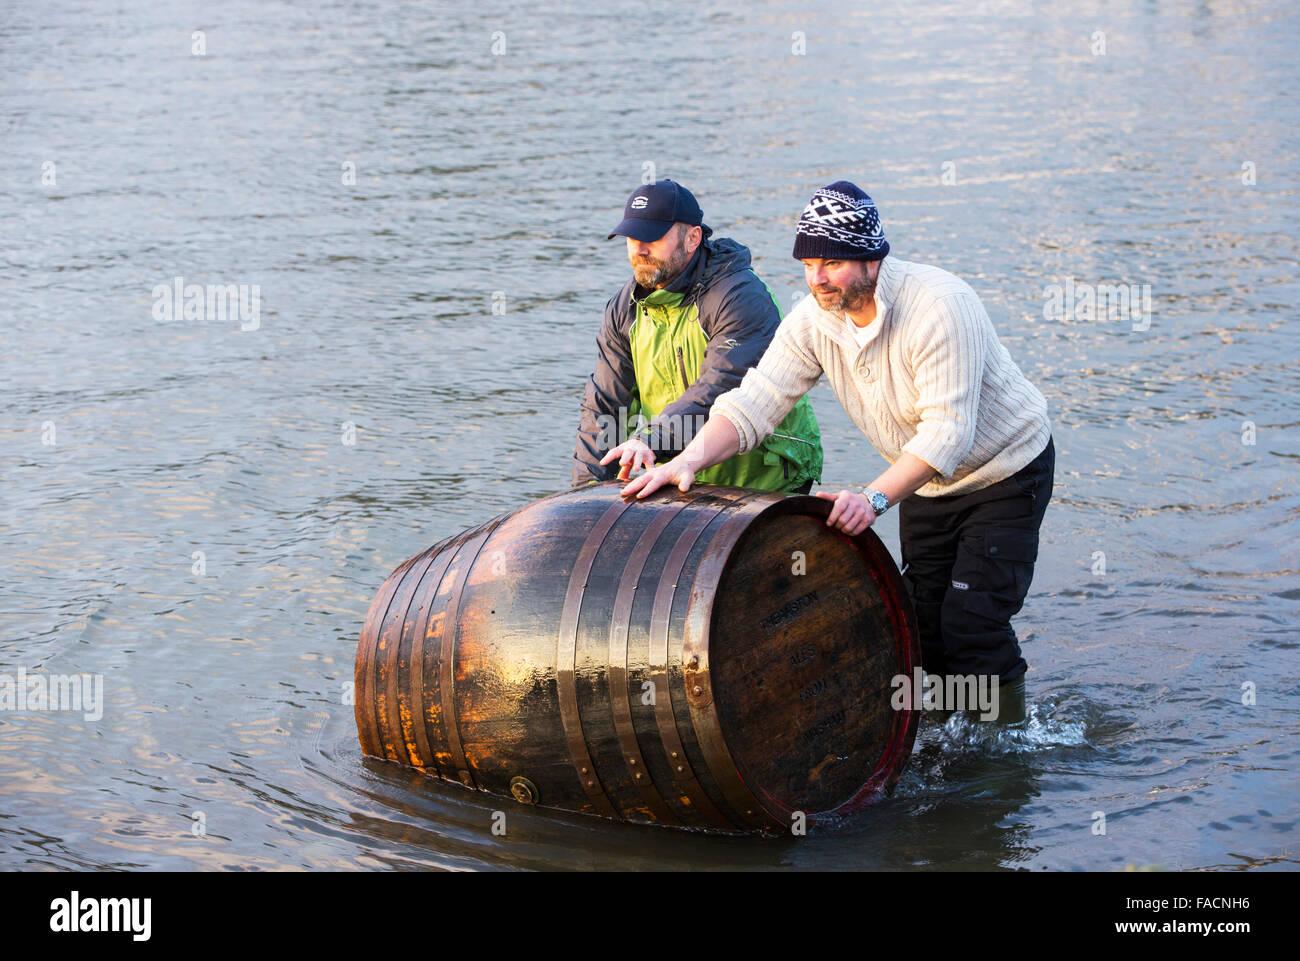 Deux hommes récupérer un baril de bière emportée dans le lac Windermere par les inondations Photo Stock